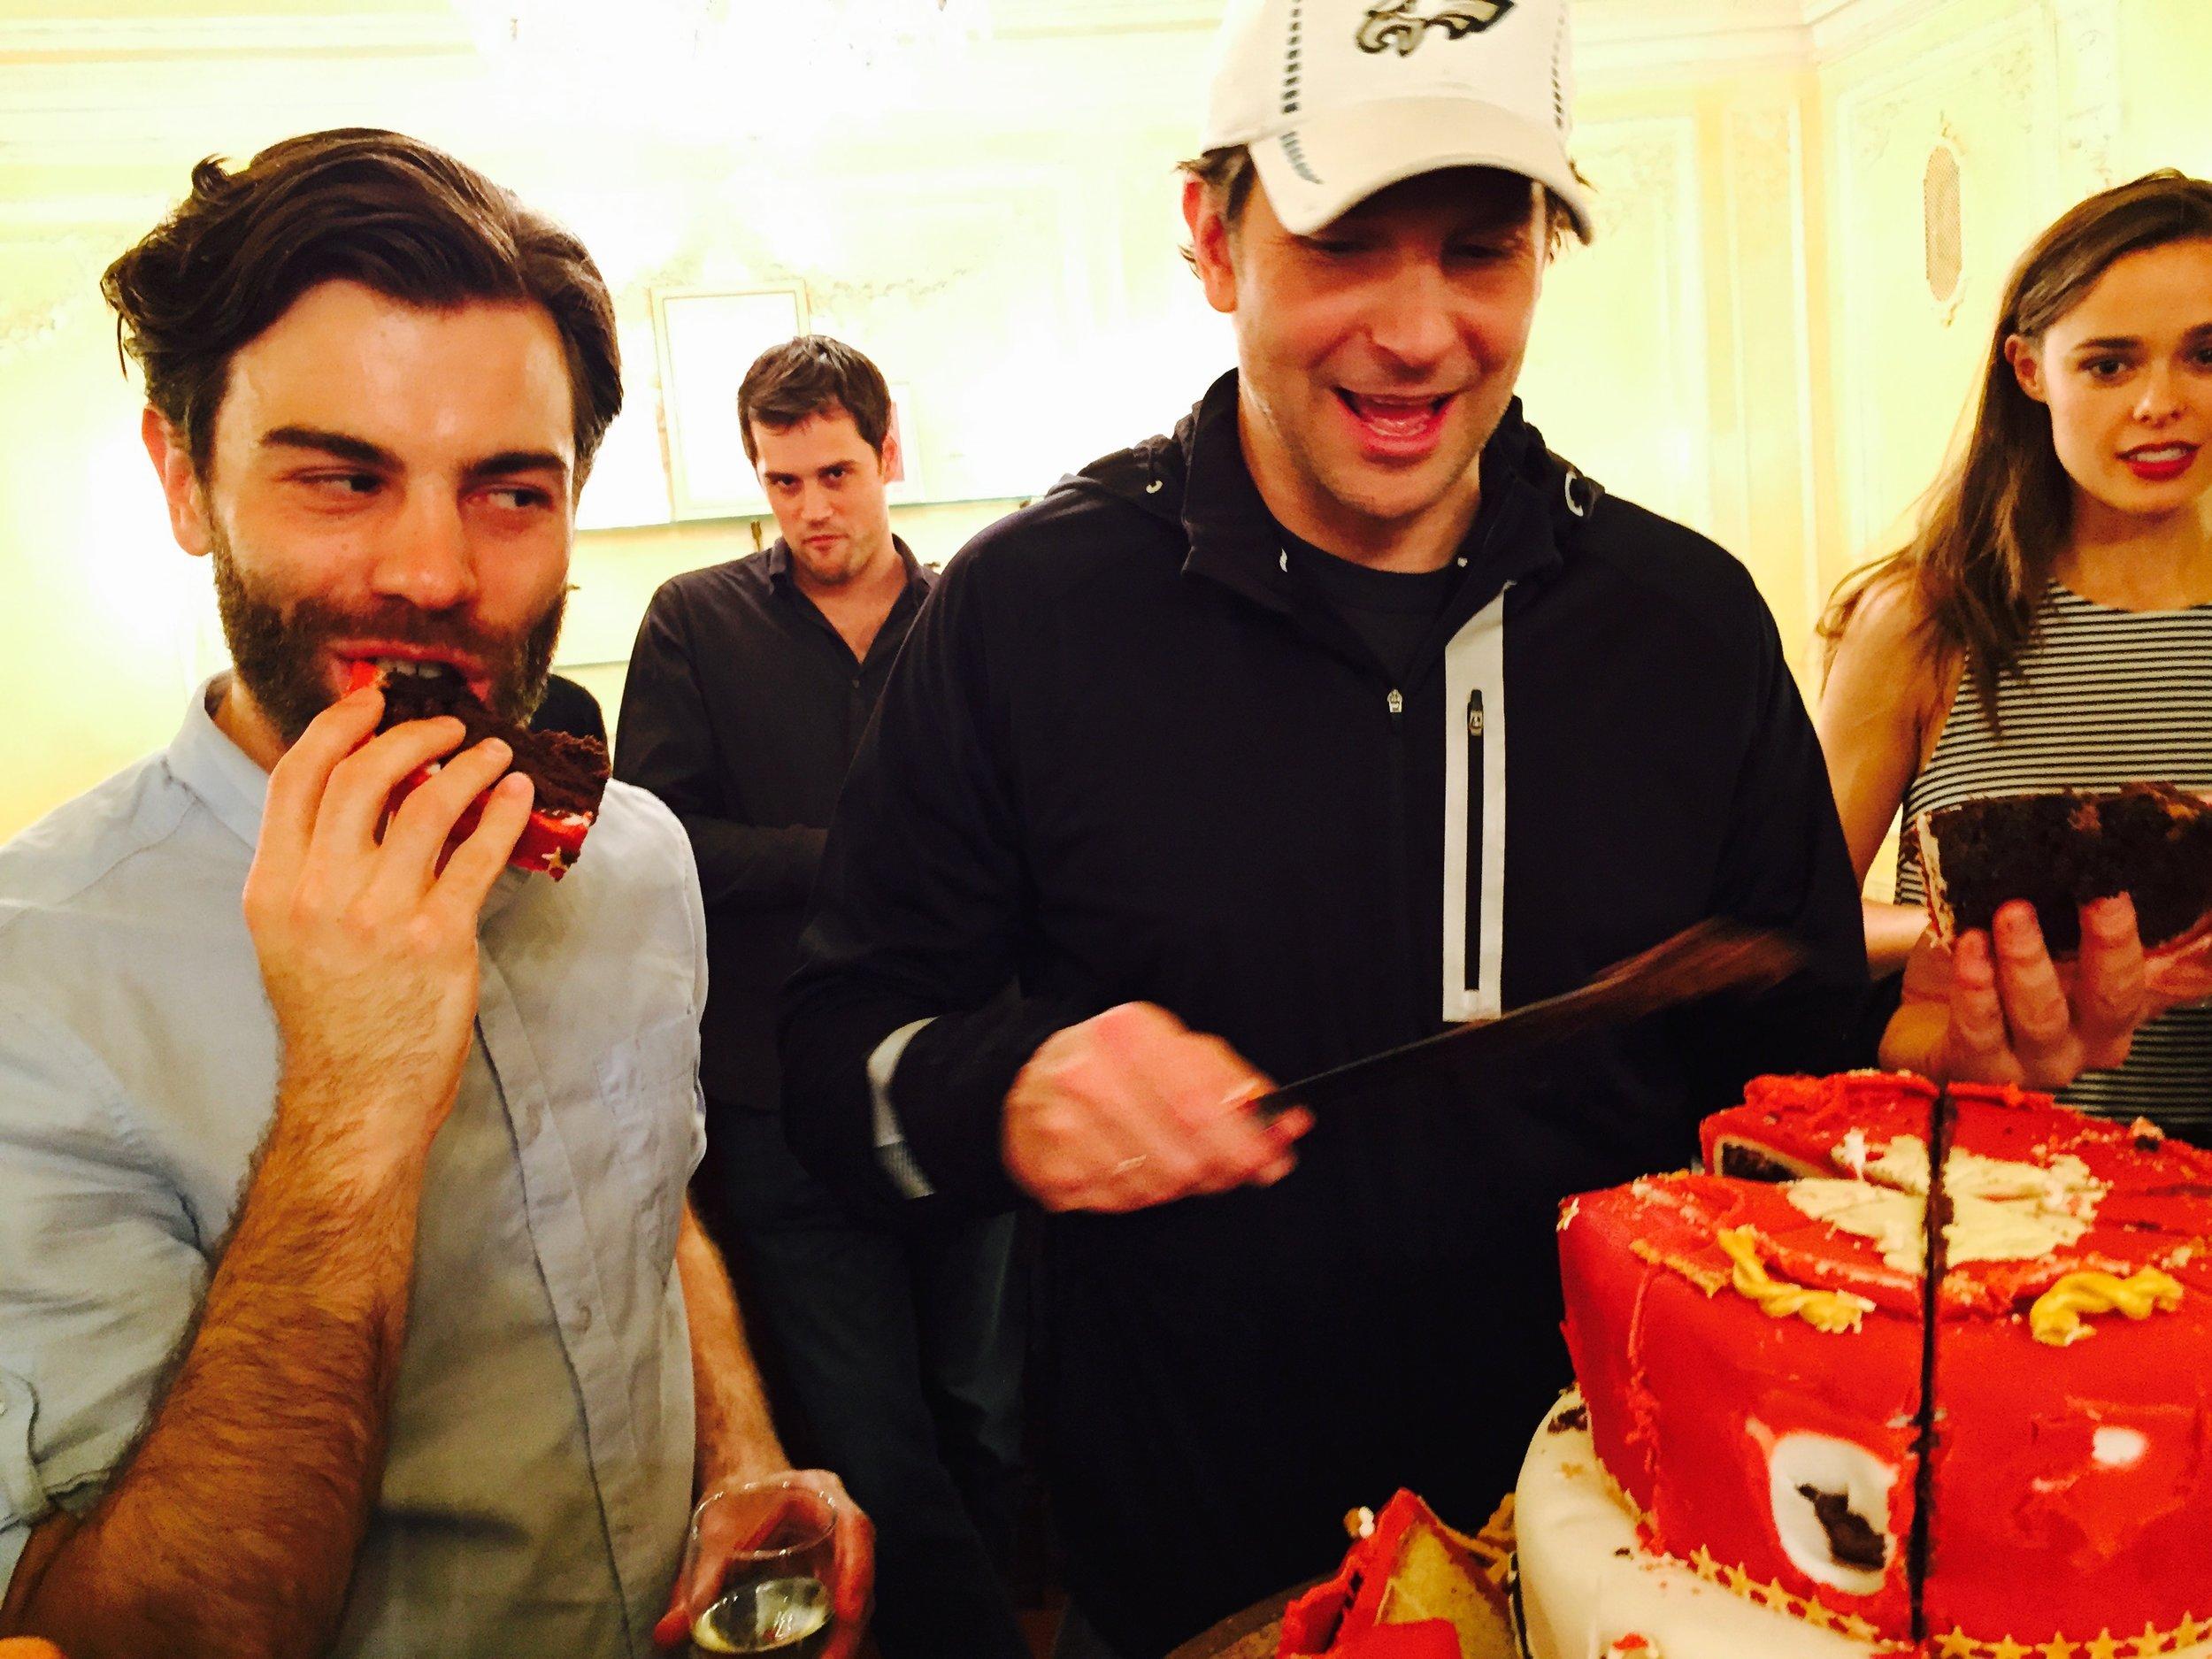 Enjoying our opening cake!